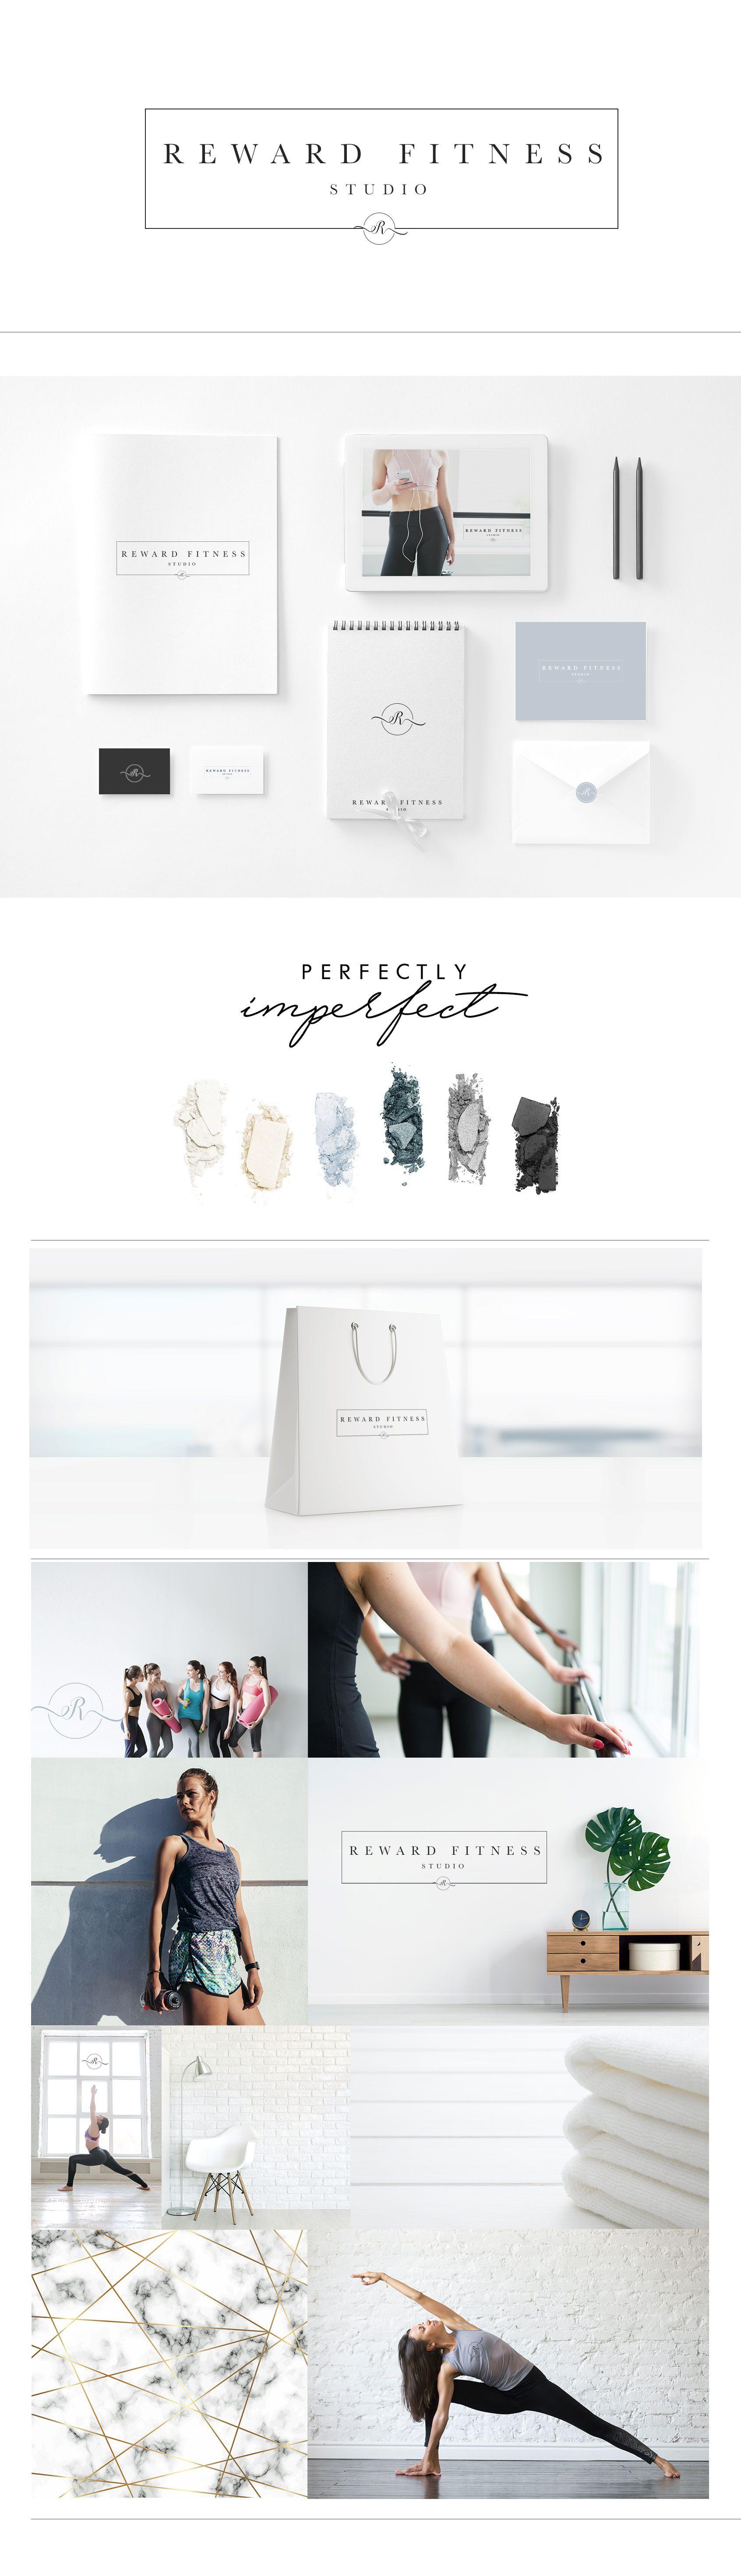 Concept-DesignRF-3